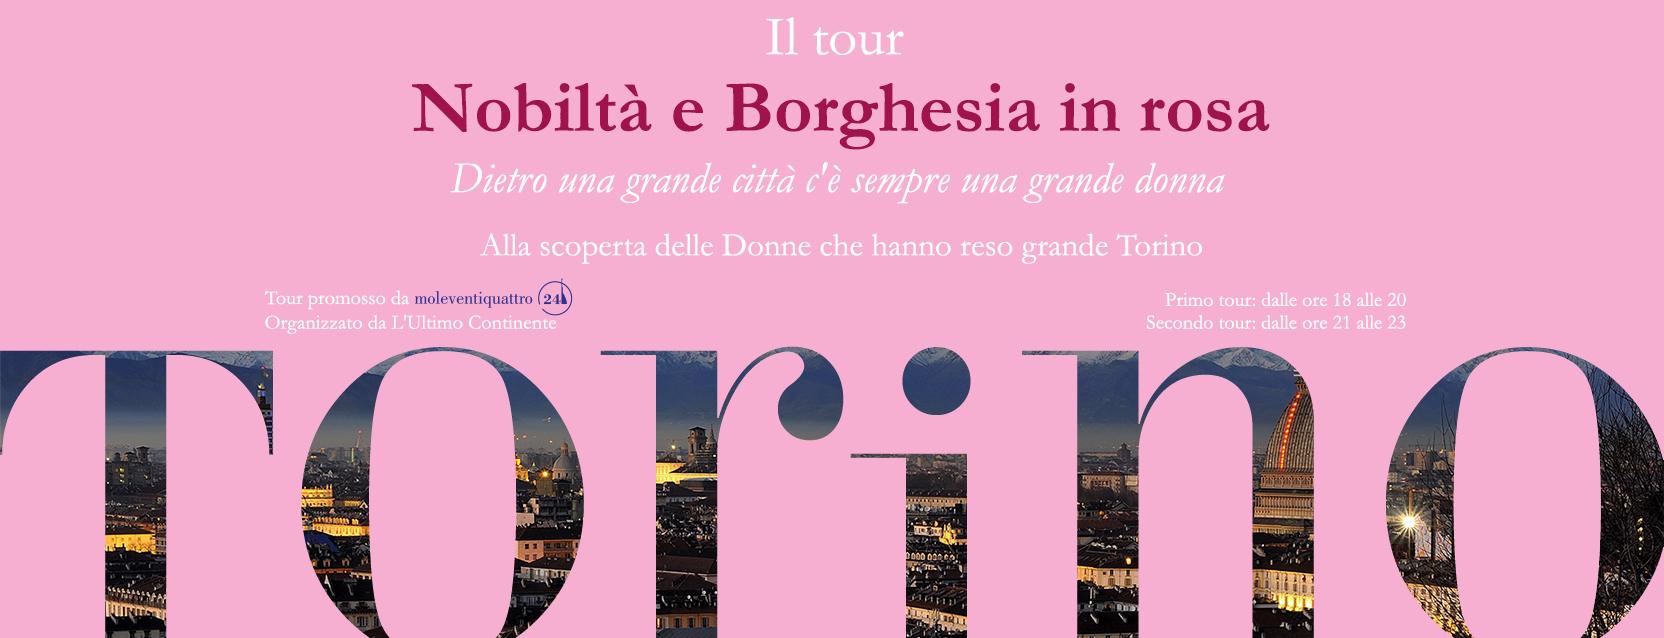 Nobiltà e borghesia in rosa: il primo tour di Mole24 per Torino!